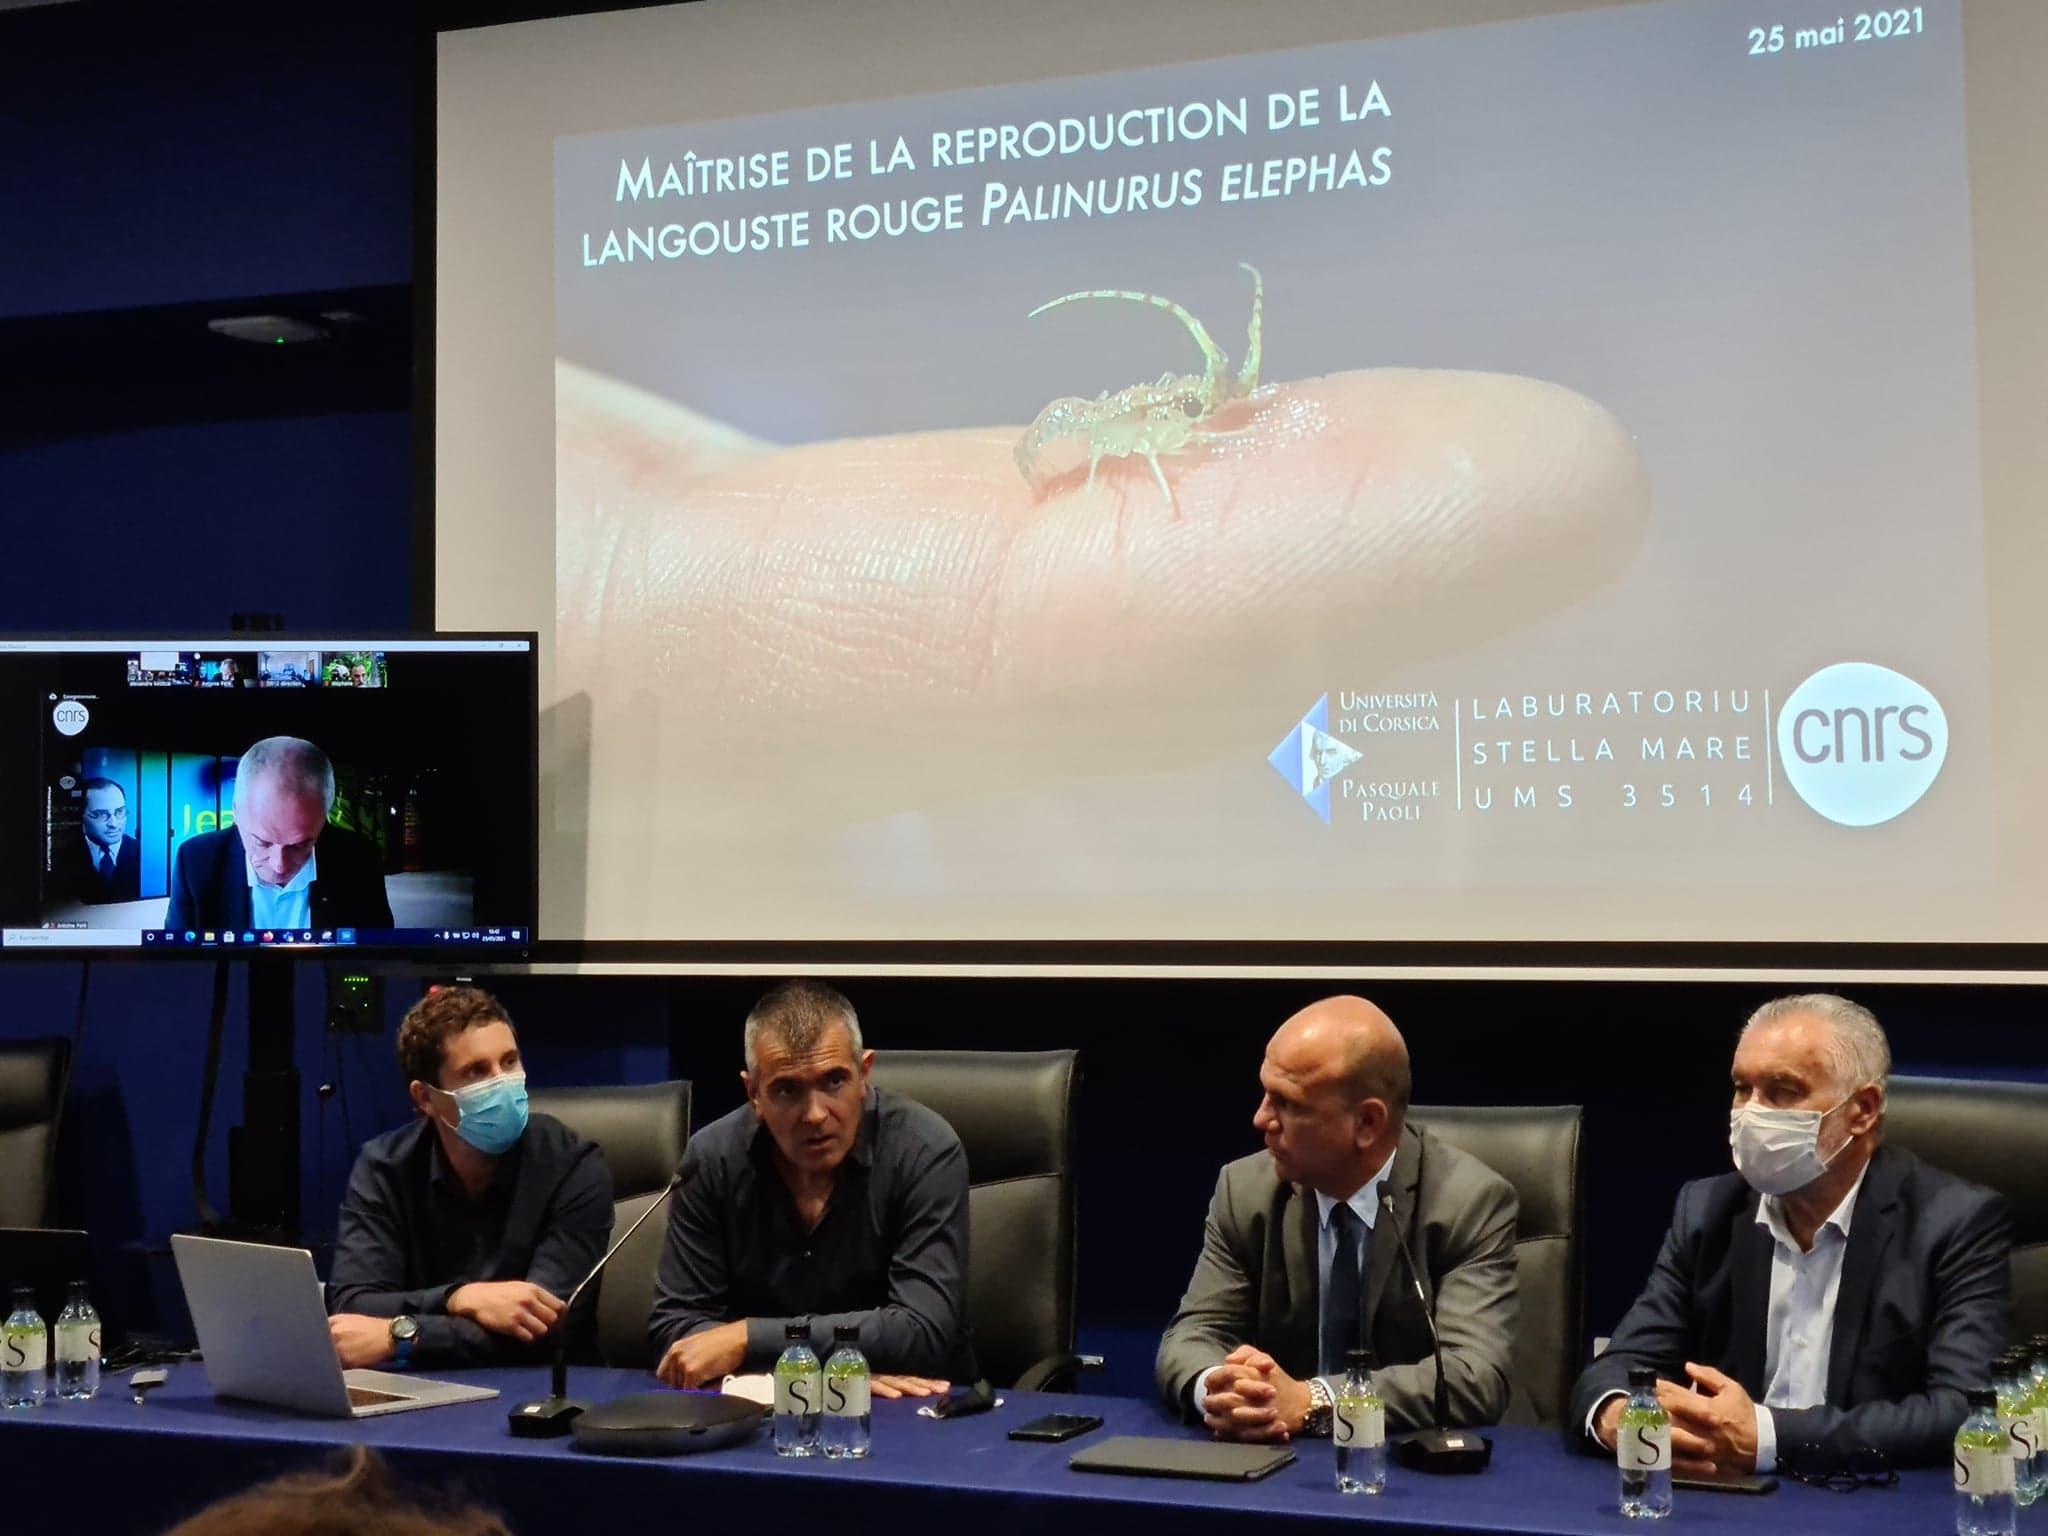 Antoine Petit, le président du CNRS est venu saluer l'avancée scientifique en visio. Crédits Photo : Pierre-Manuel Pescetti